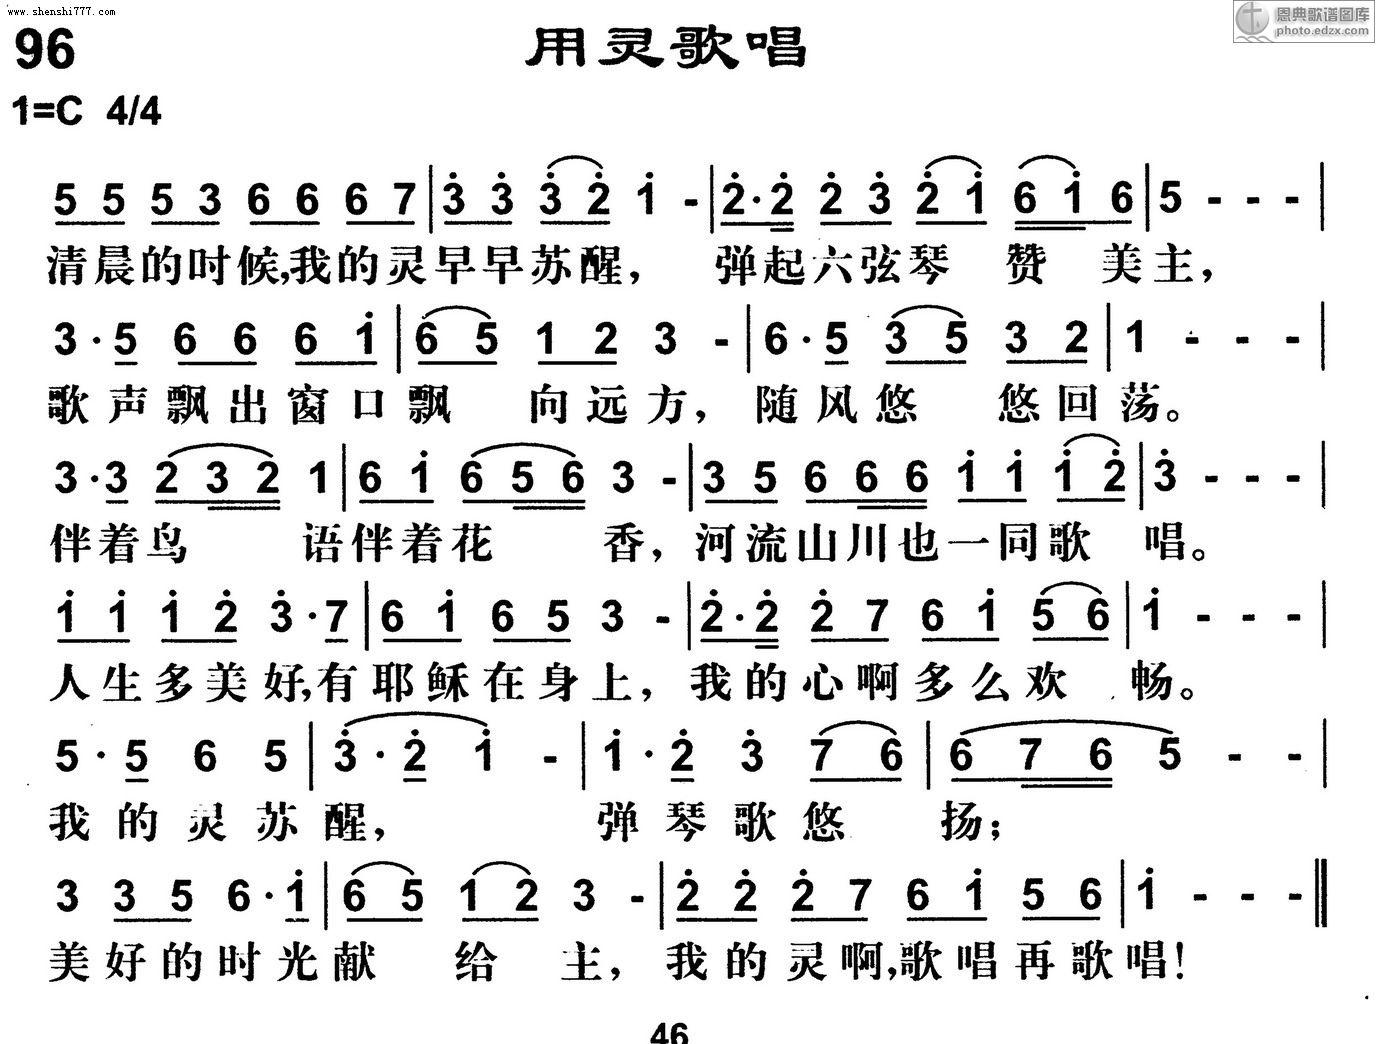 96首用灵歌唱 基督教歌谱赞美诗歌谱